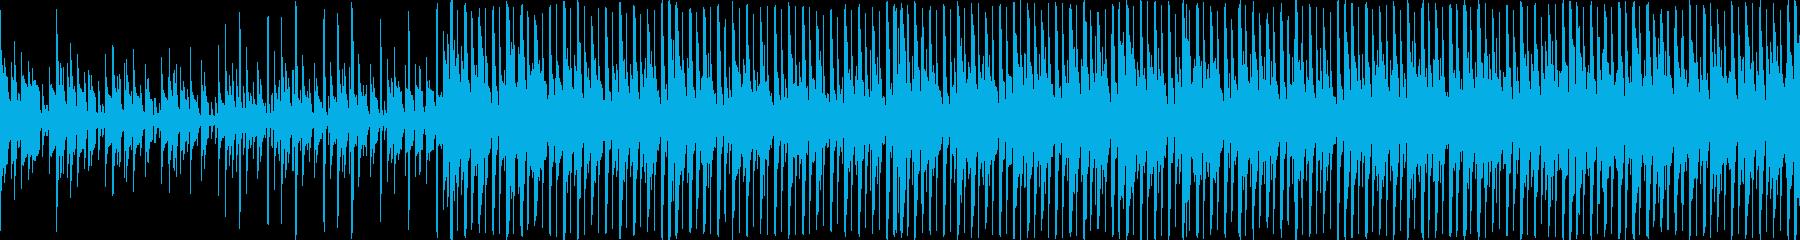 法人 ダンス エレクトロ コーポレ...の再生済みの波形